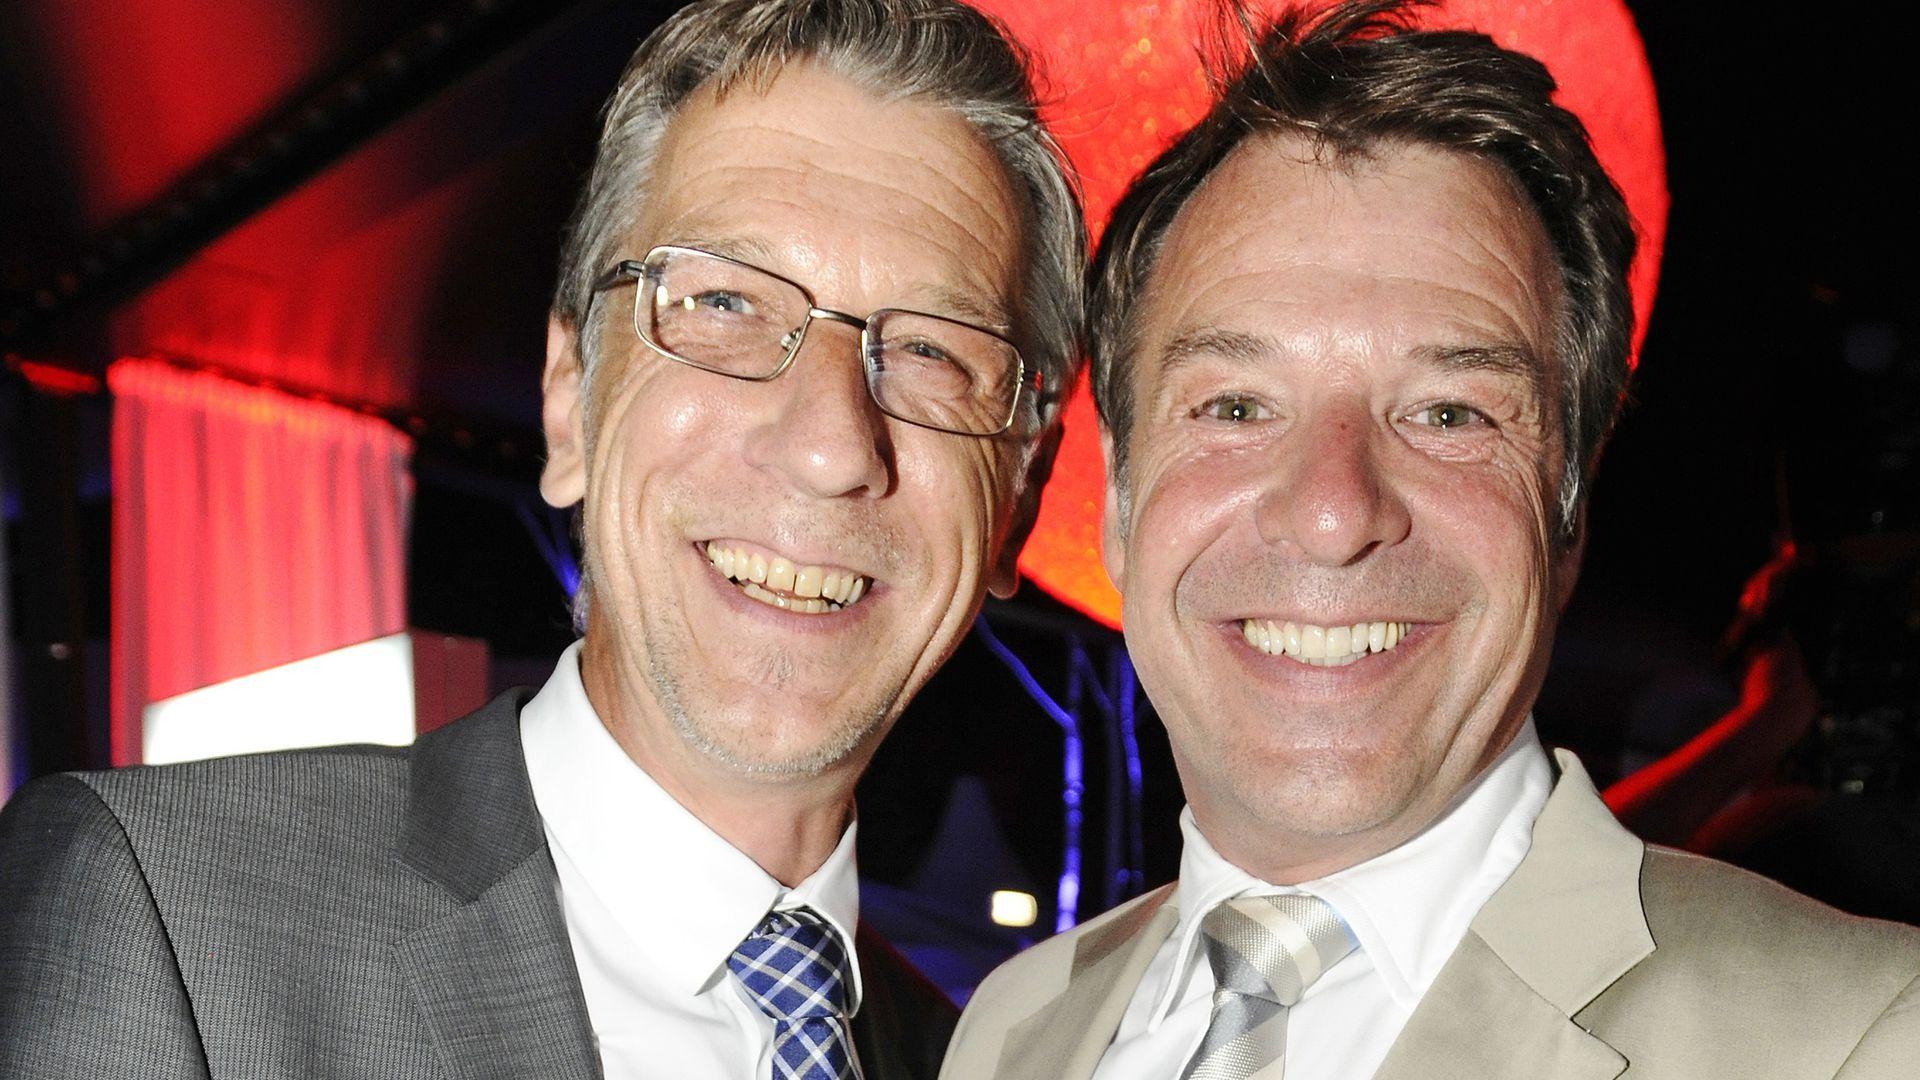 Patrick Lindner Und Sein Peter Wollen Heiraten Promiflashde